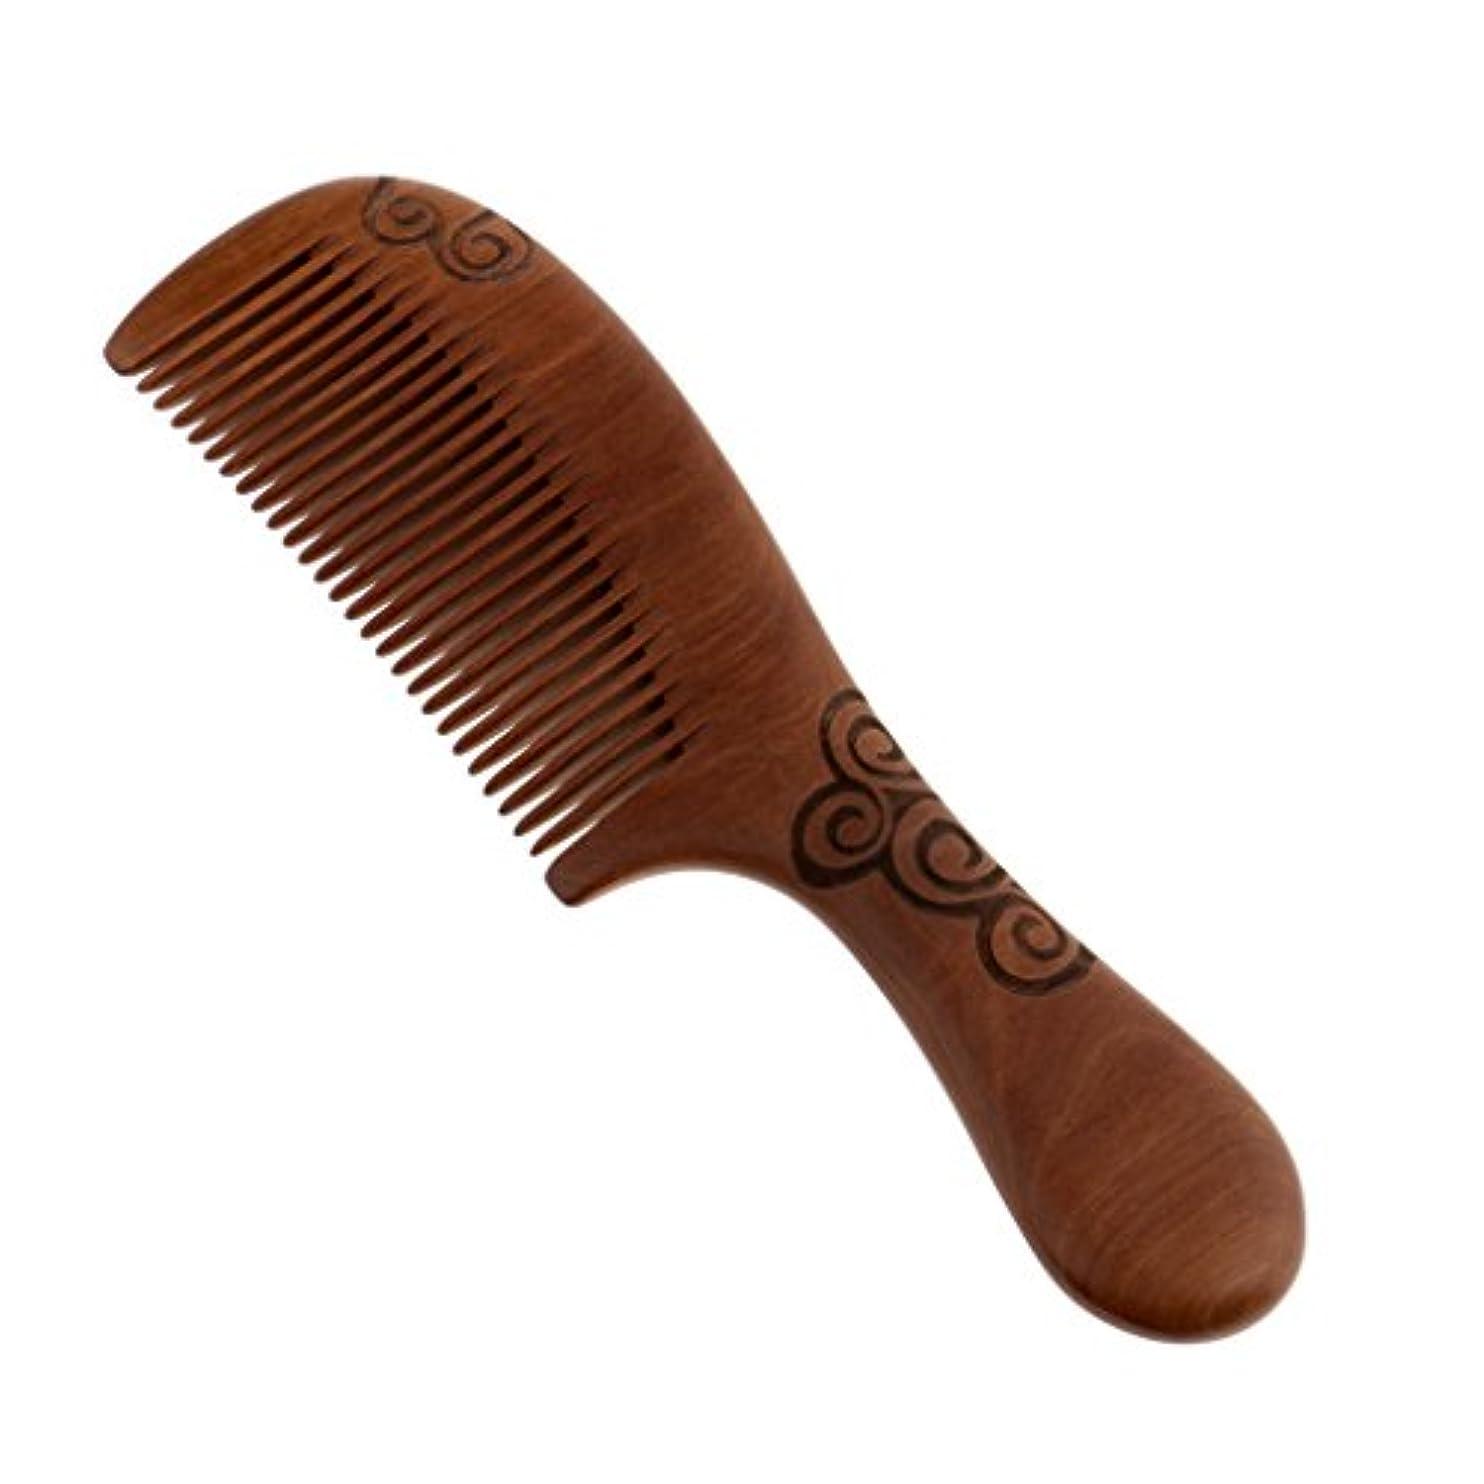 シガレット減少嘆く櫛 コーム くし コーム ヘアコーム 木製 ヘア櫛 頭皮マッサージ 耐熱性 帯電防止